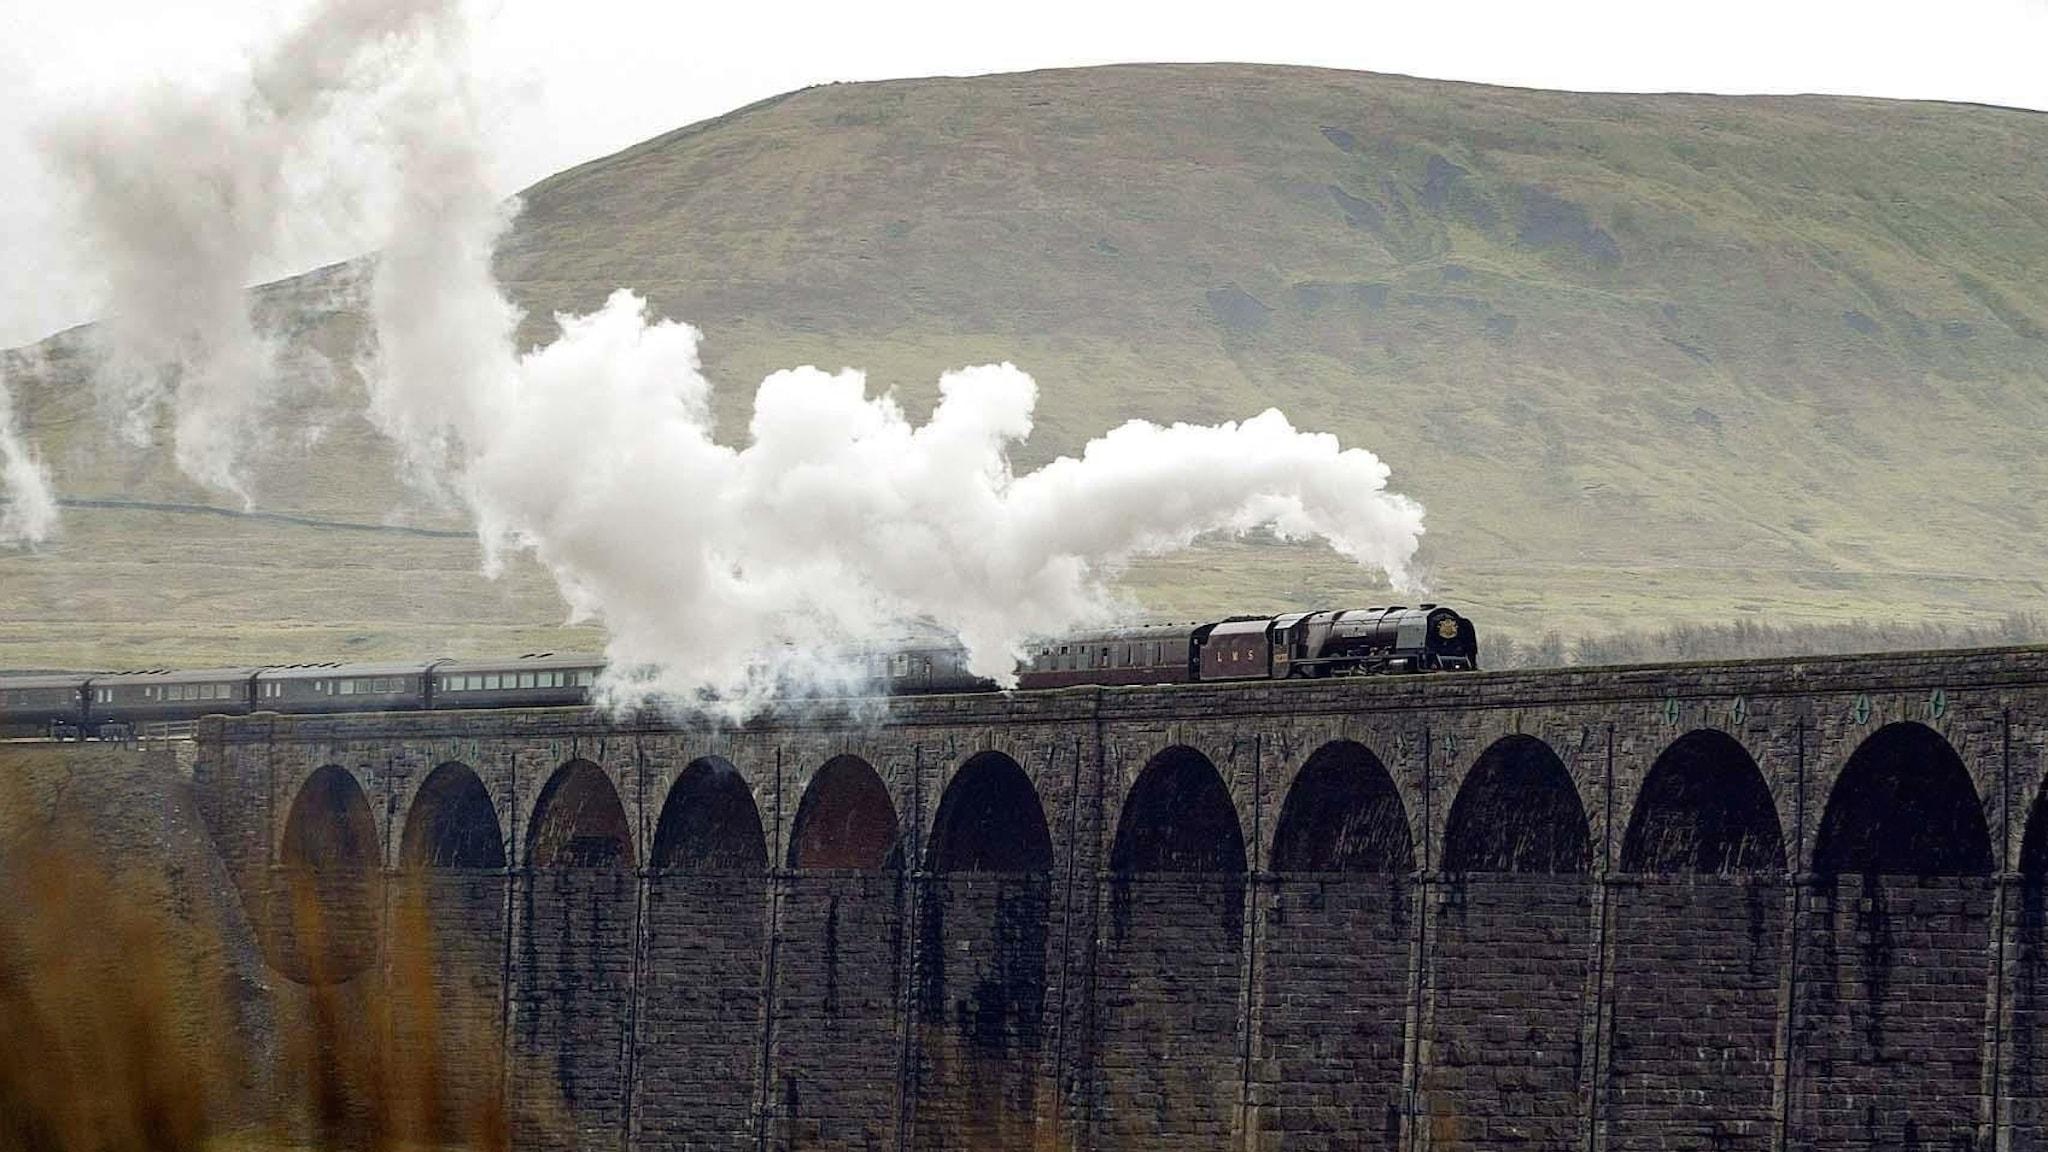 The Duchess of Sutherland, England kungliga tåg, korsar viadukten över Ribblehead i Yorkshire Dales National Park.